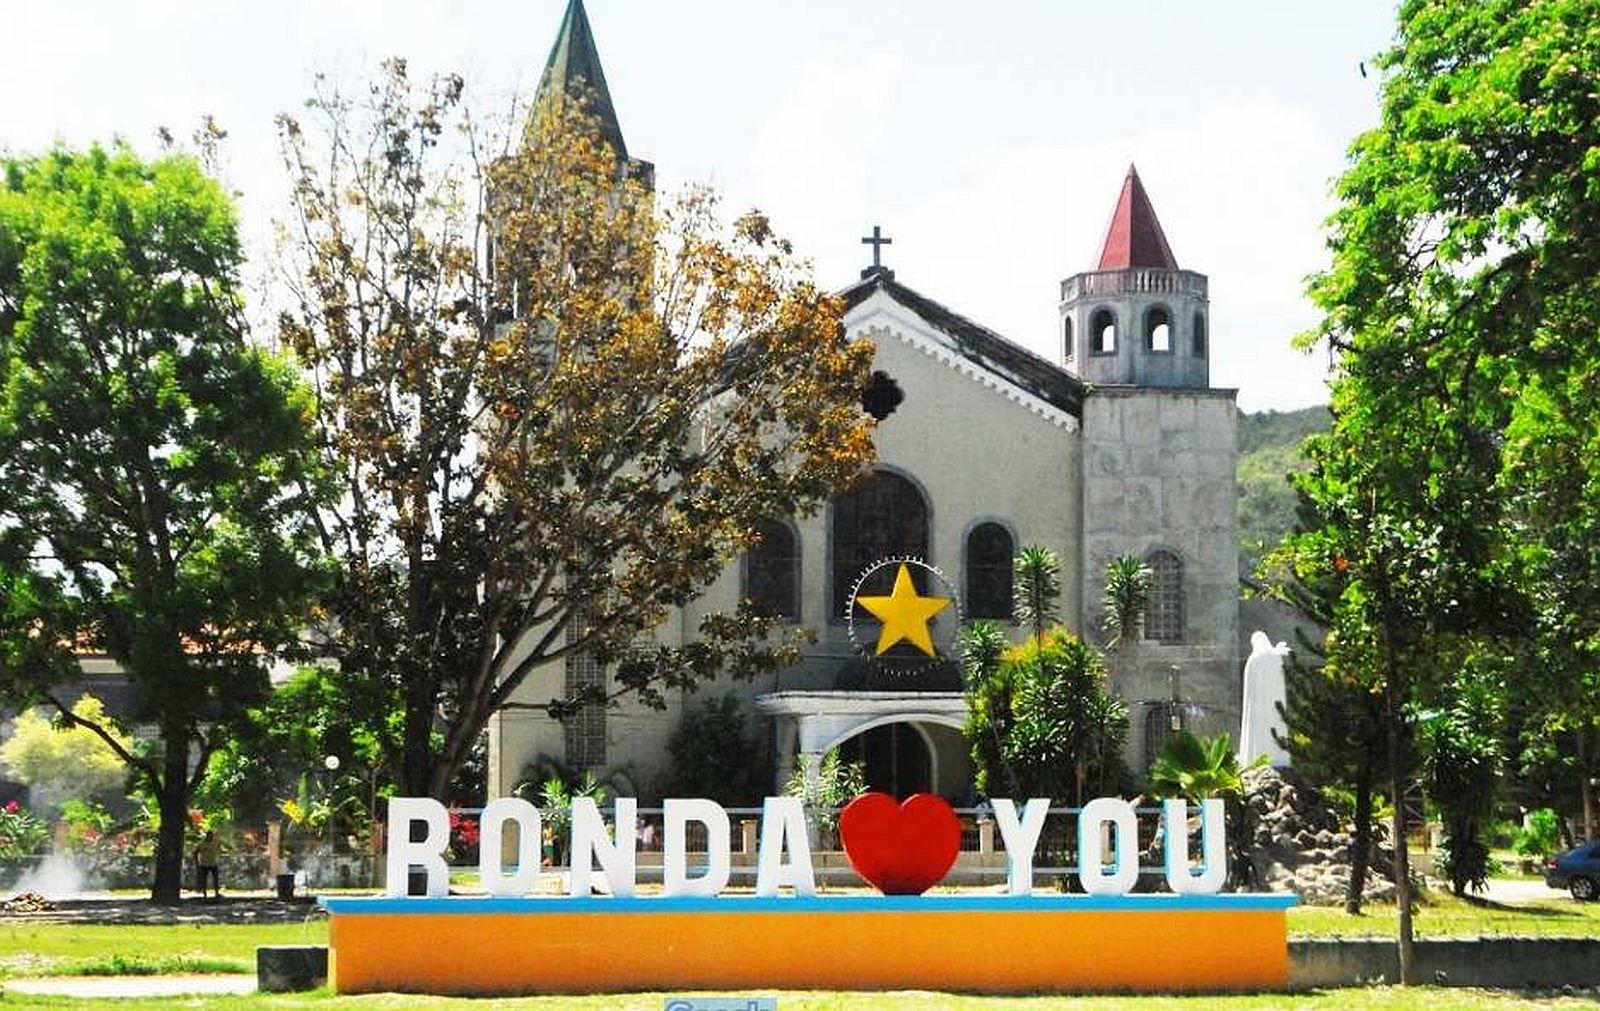 PHILIPPINEN REISEN - ORTE - CEBU - Touristische Ortsbeschreibung für Ronda